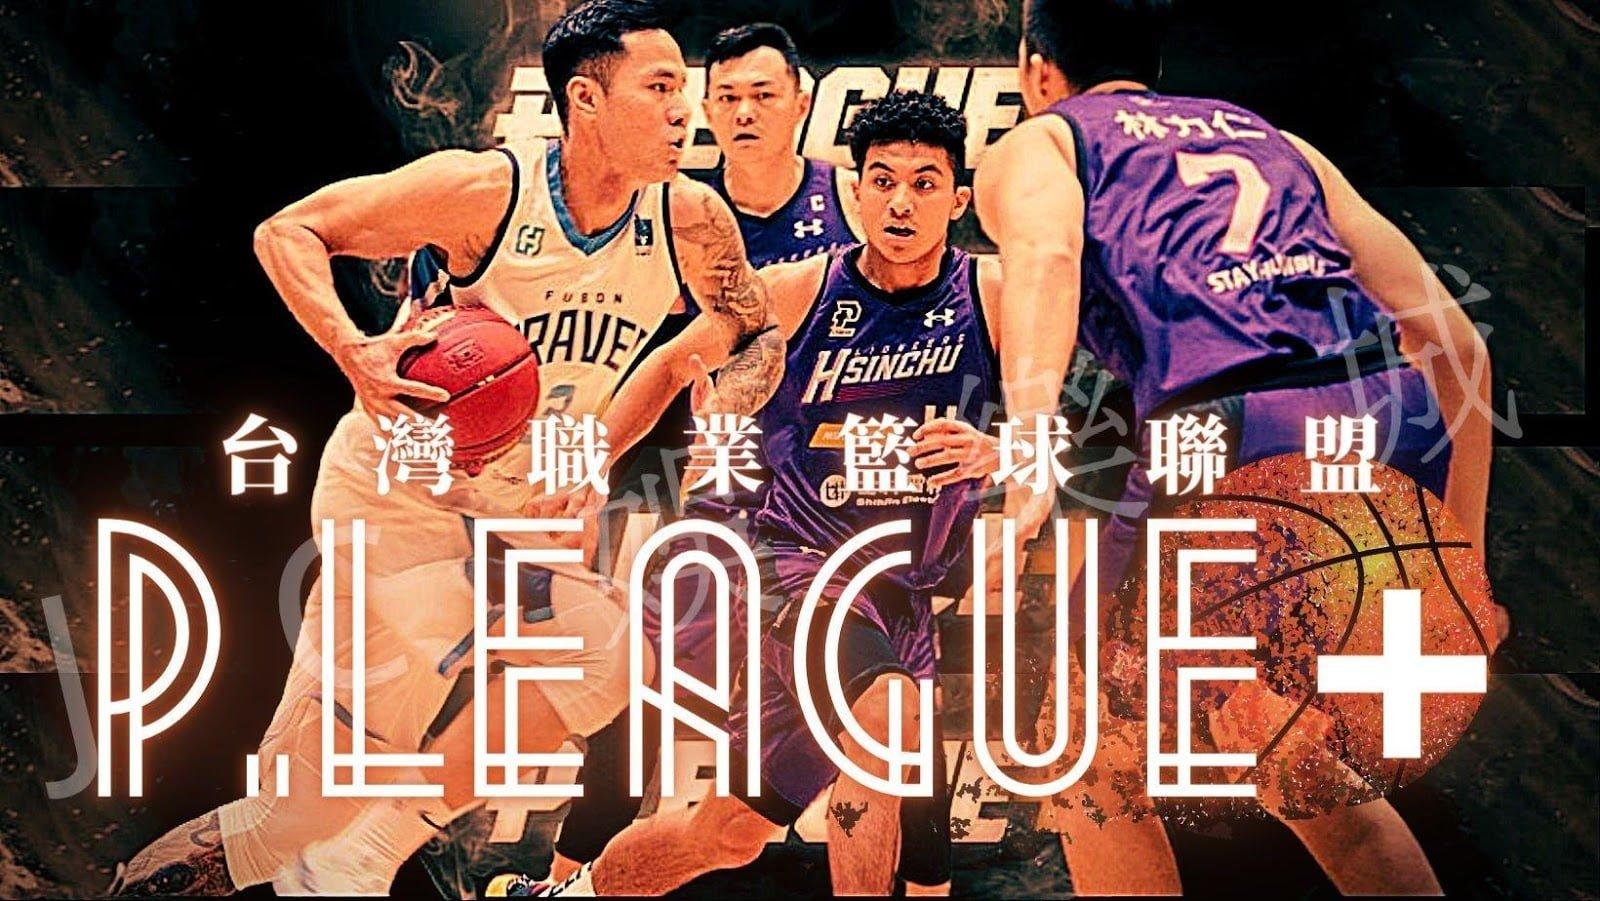 台灣運彩即將推出PLG投注項目了 ! 是時候跟上了吧 ?